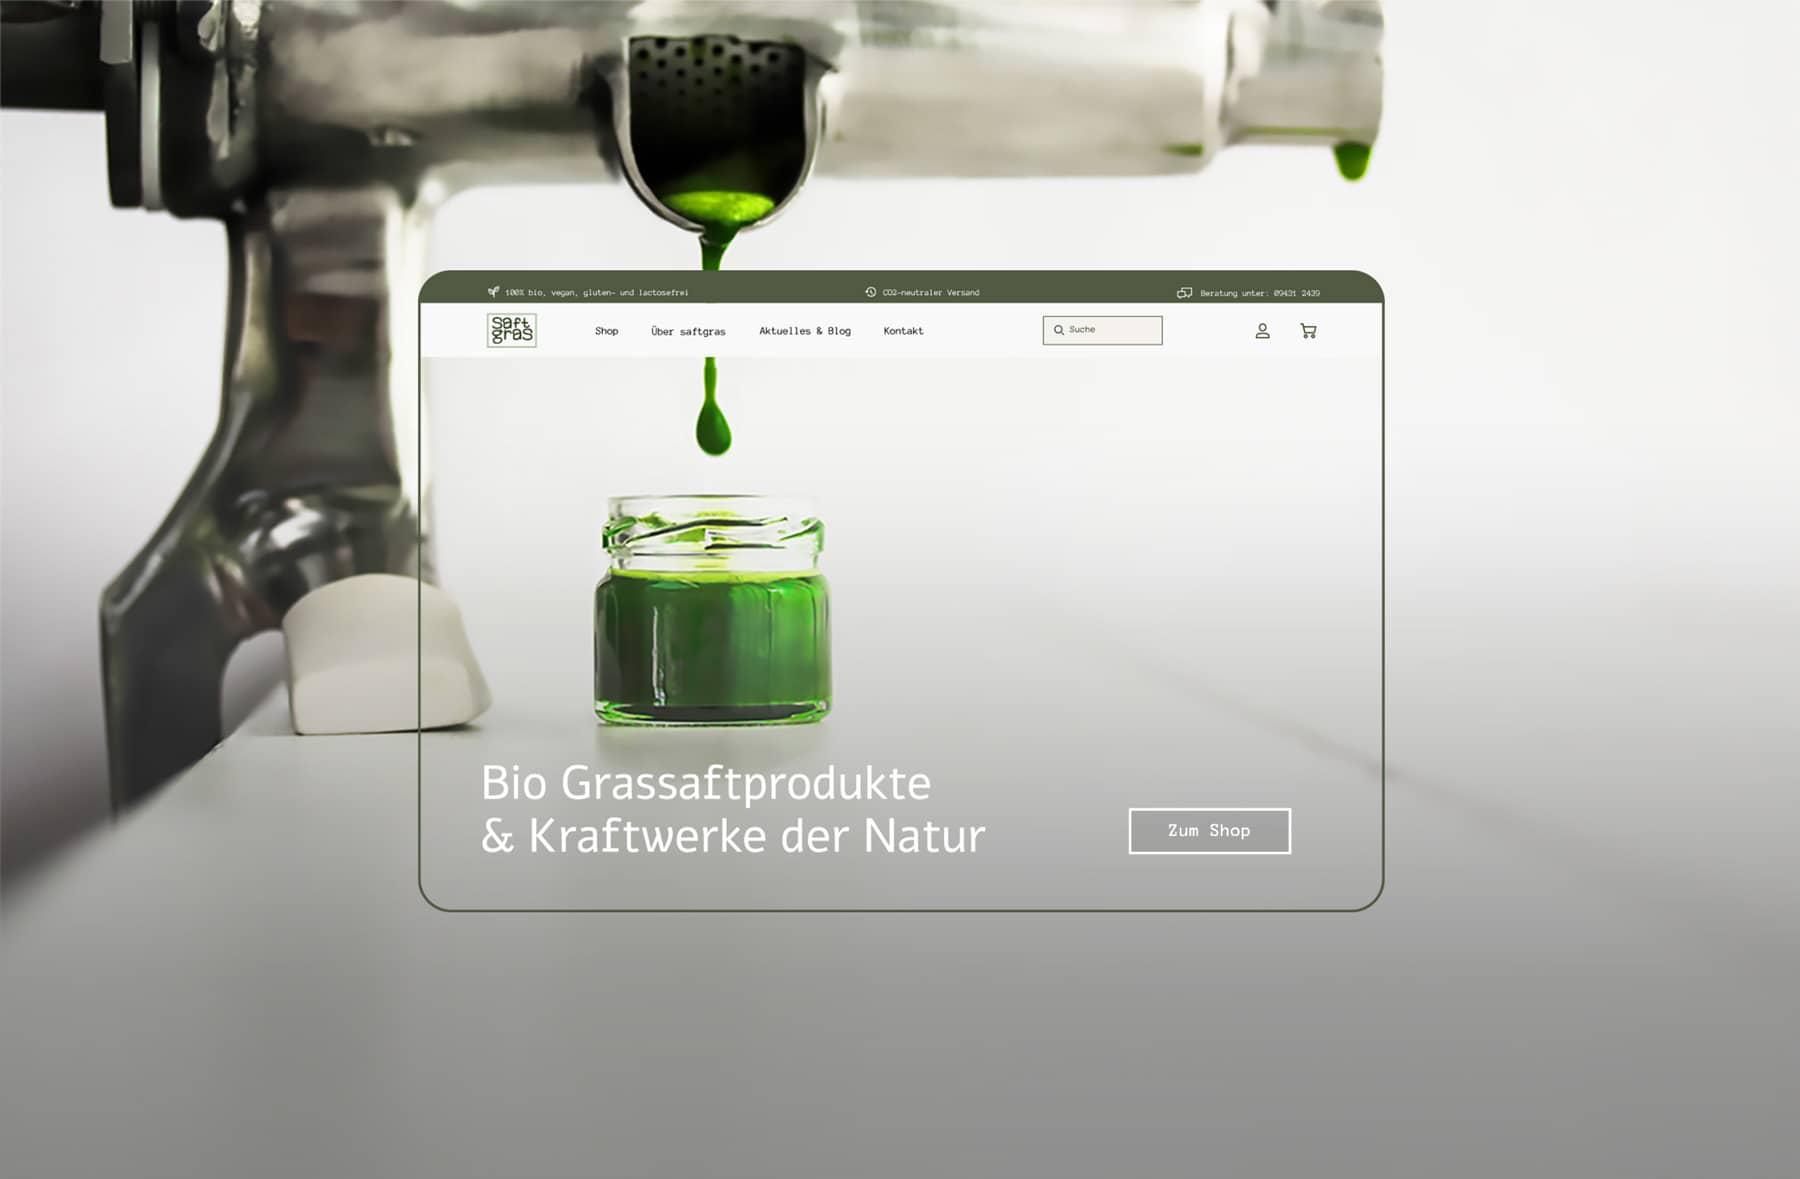 Saftgras, Webdesign